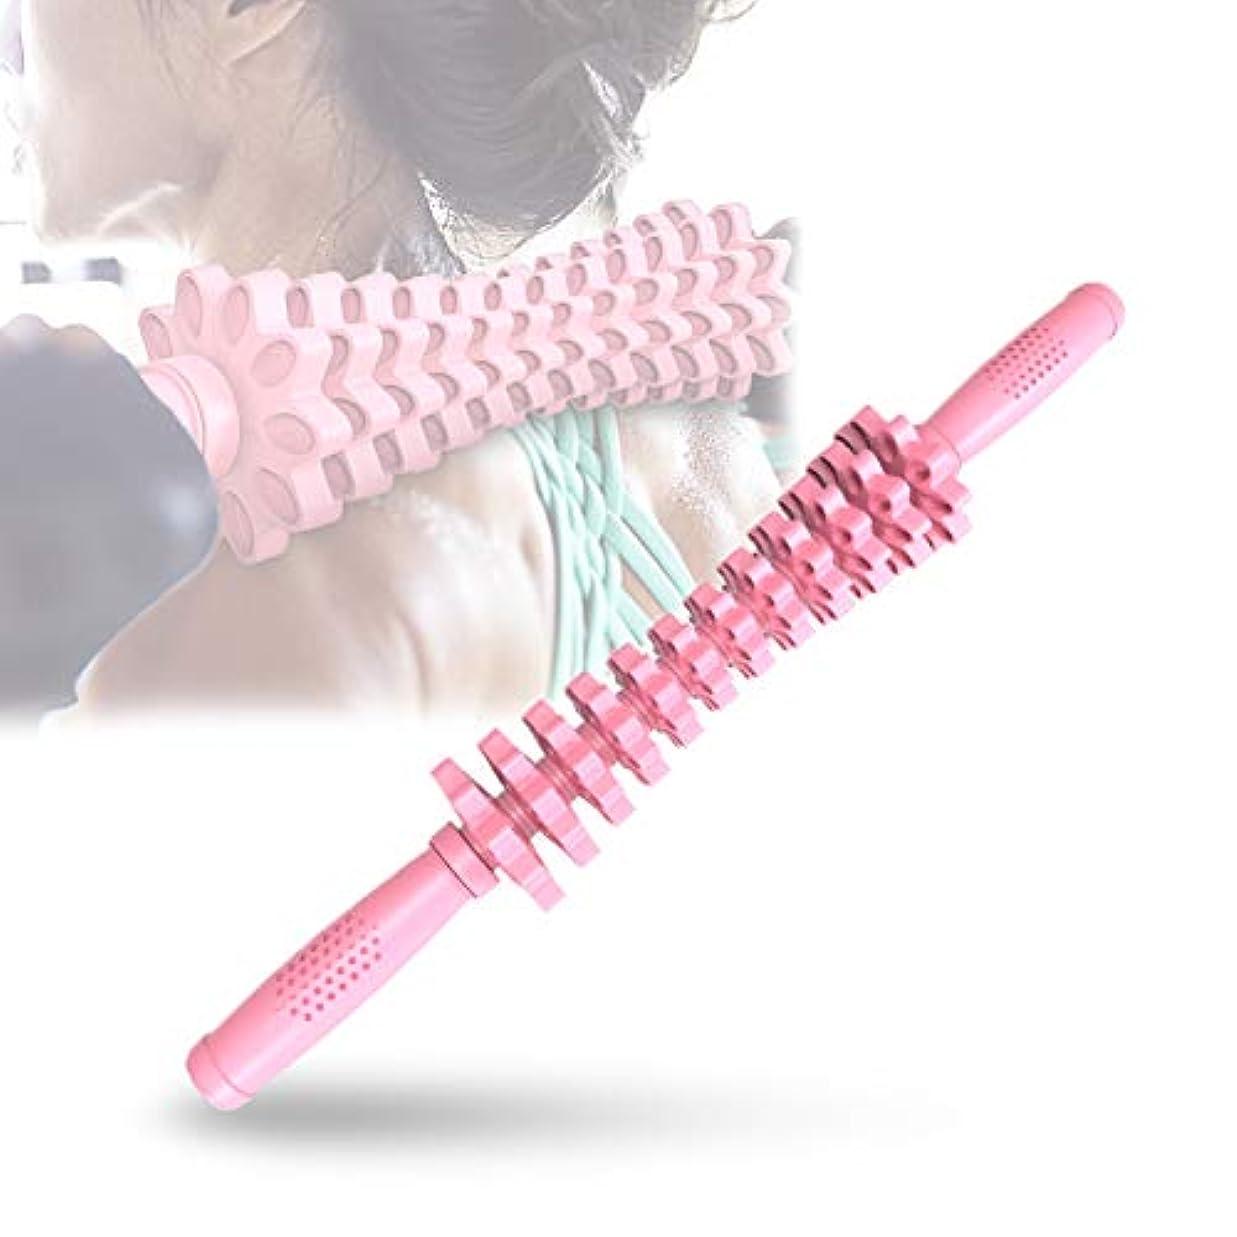 勧める条件付きイソギンチャクフォームローラー 筋肉マッサージおよび筋筋膜のトリガーポイント解放のためのギヤマッサージャーの取り外し可能なポリ塩化ビニールの快適な滑り止め,Pink